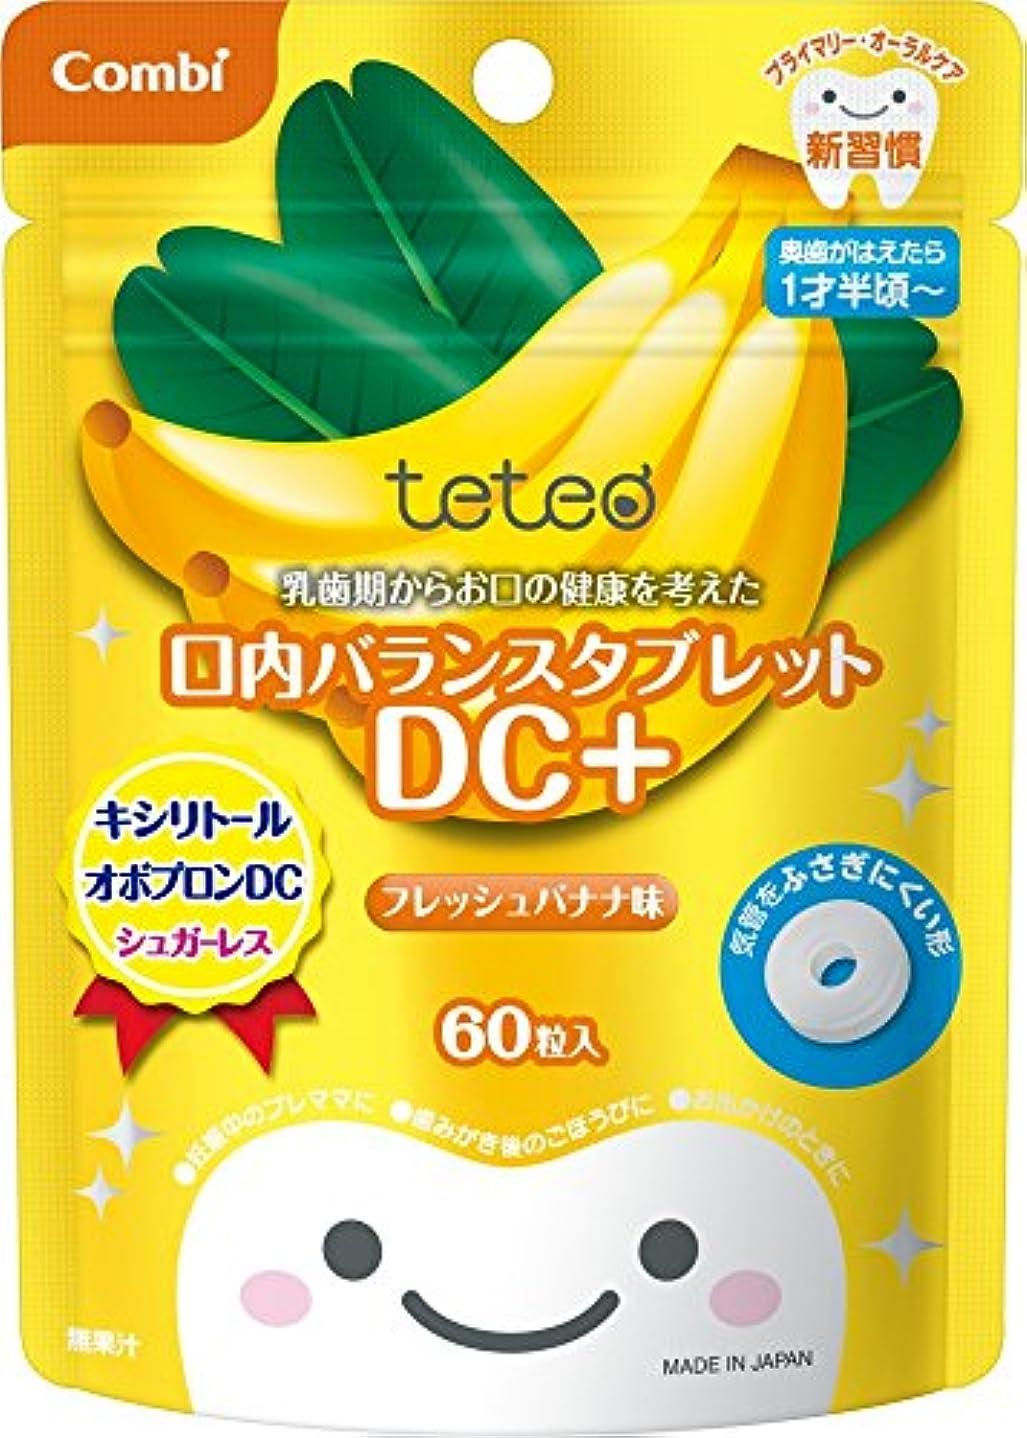 秋一方、やめるコンビ テテオ 乳歯期からお口の健康を考えた口内バランスタブレット DC+ フレッシュバナナ味 60粒 【対象月齢:1才半頃~】